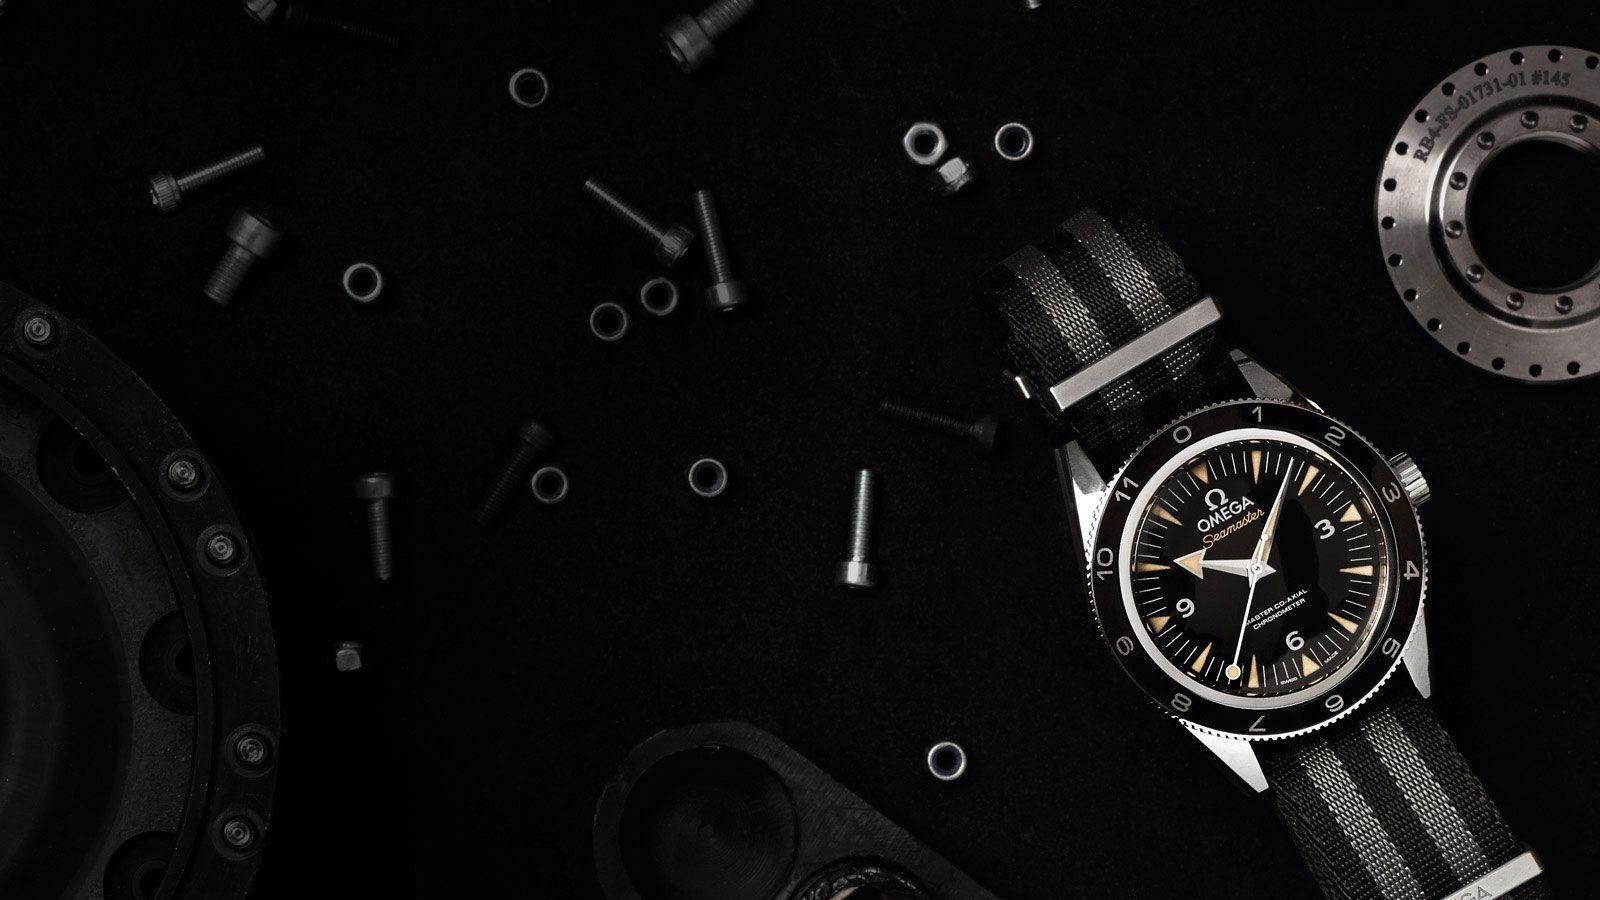 Bond-Watches-Gear-Patrol-Lead-CINEMA